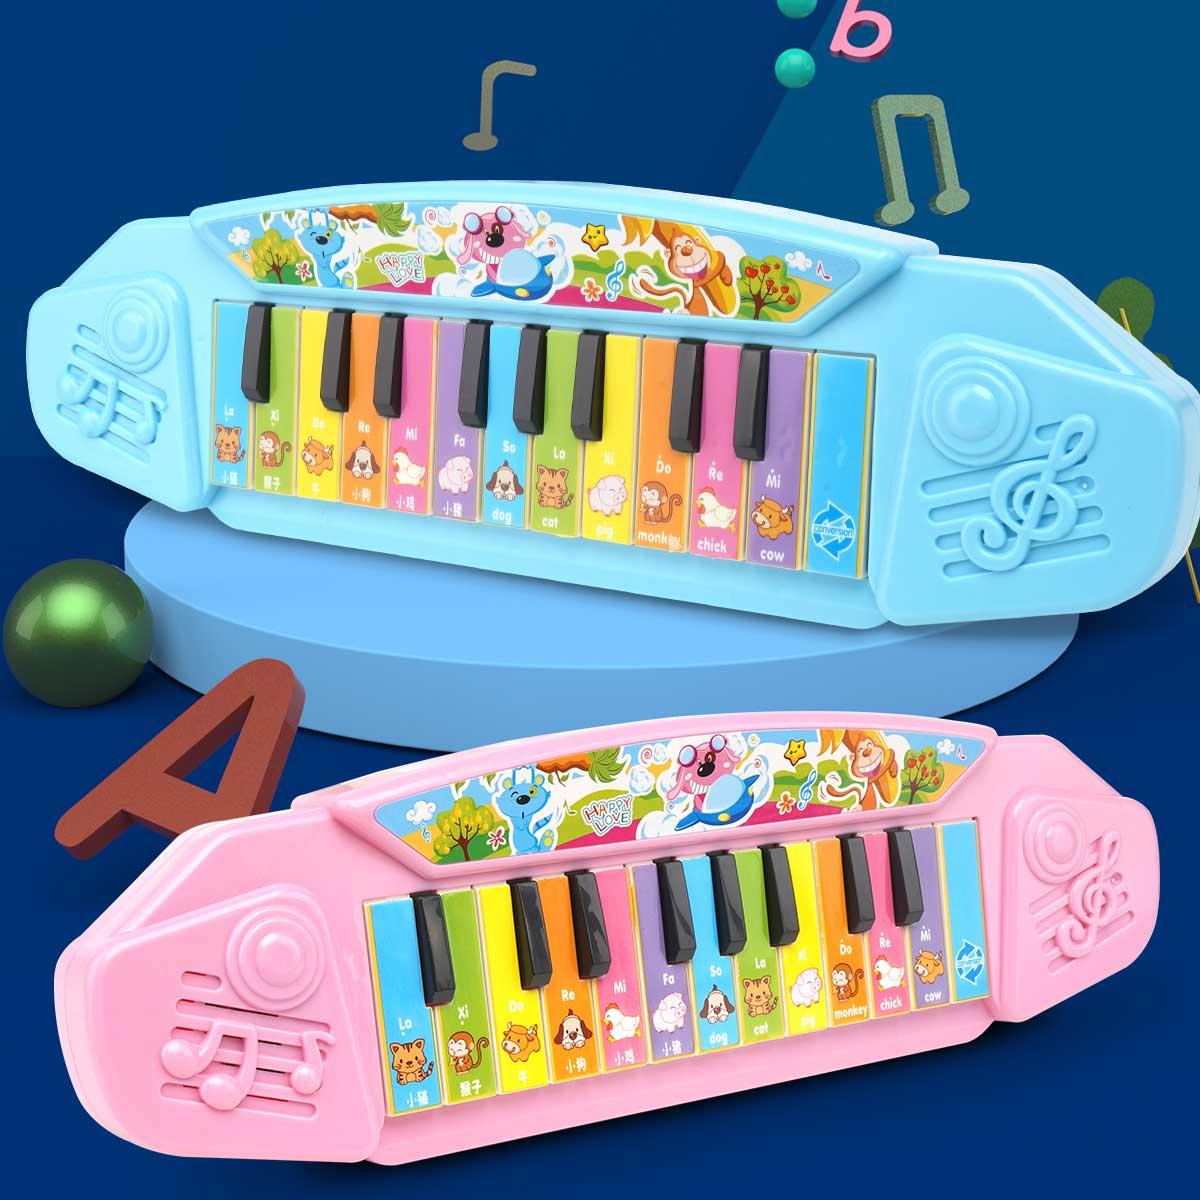 Игрушки на колесиках / Детские автомобили / Развивающие игрушки Артикул 555642054185